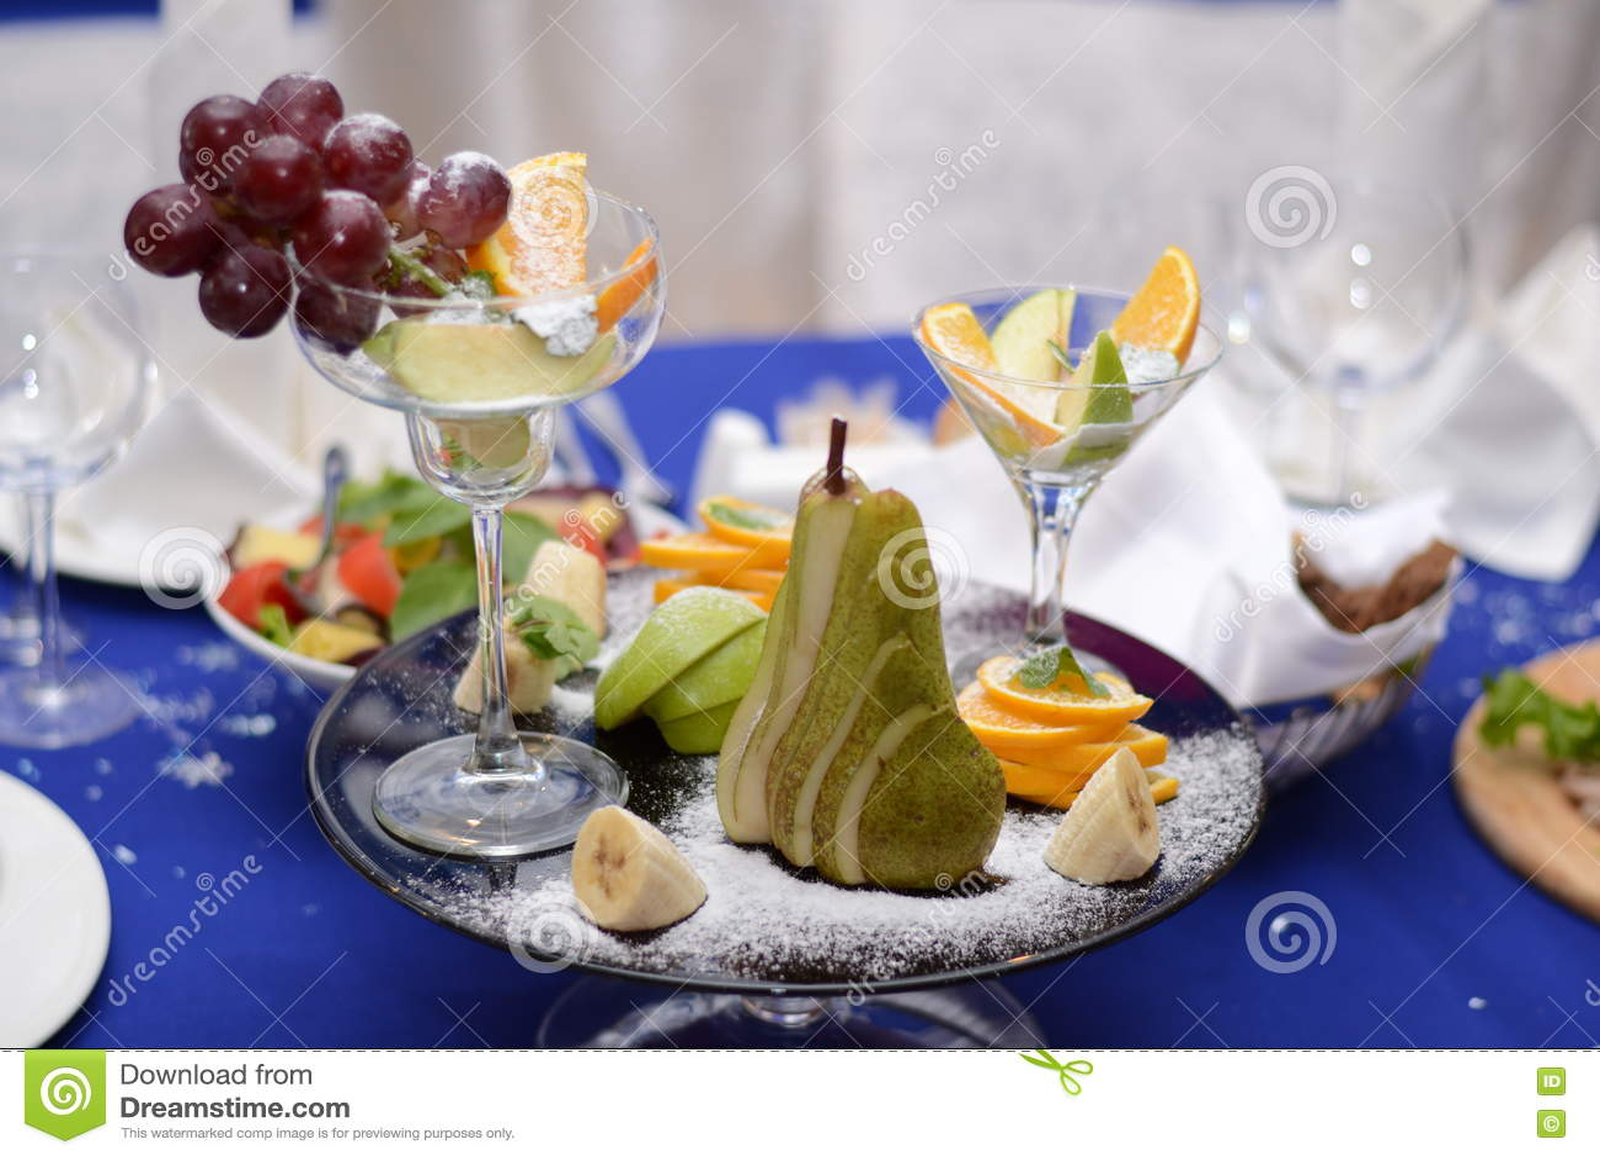 La composición de frutas